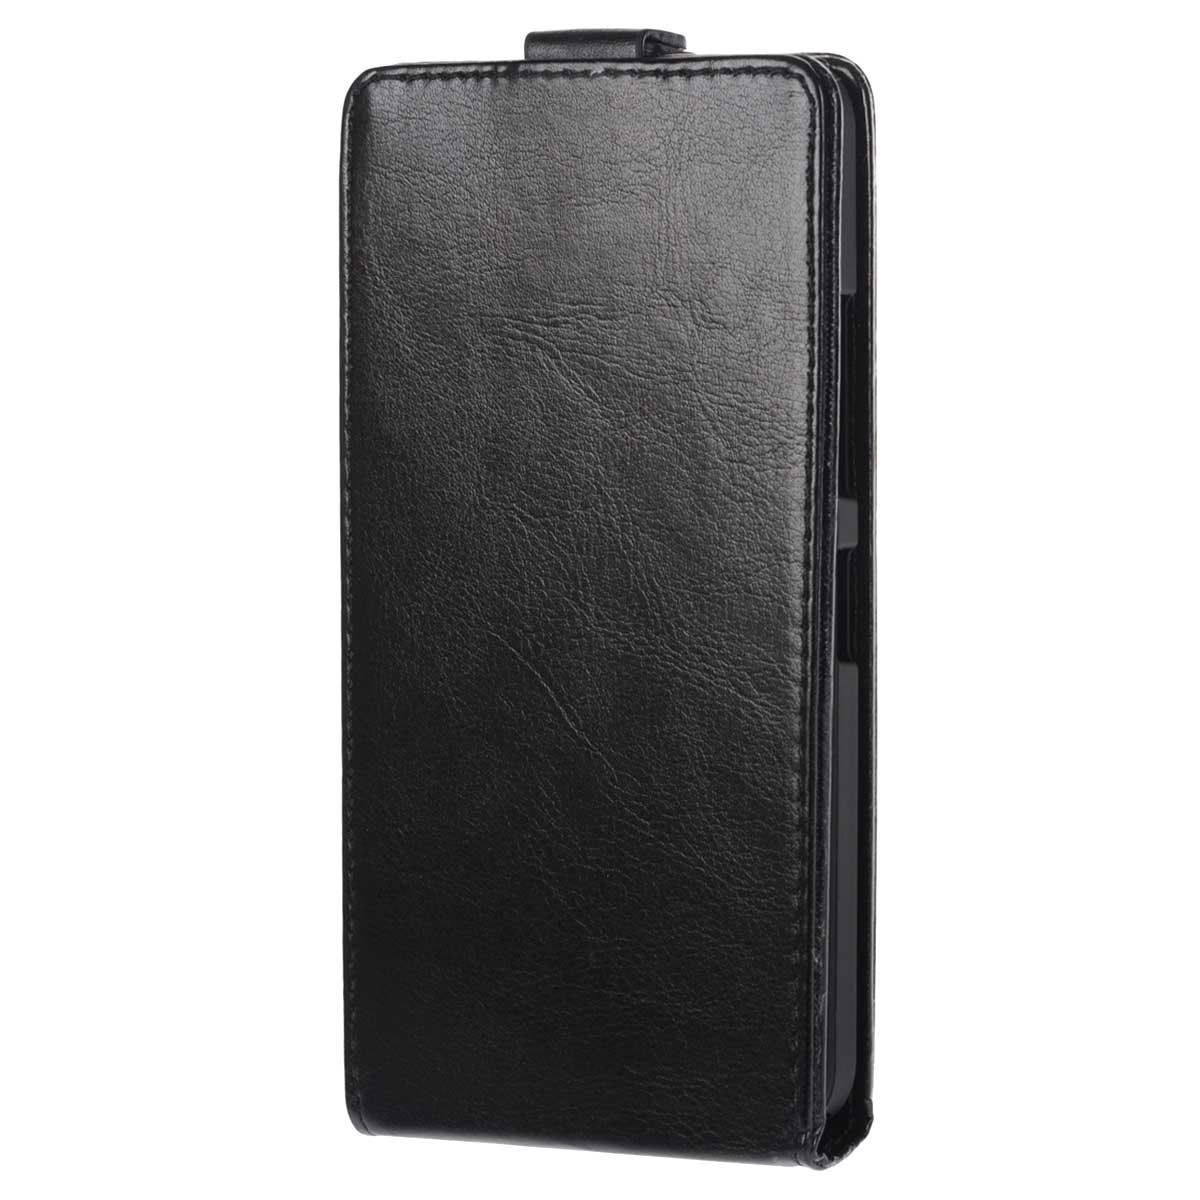 Skinbox Flip Case чехол для Microsoft Lumia 640XL, BlackT-F-ML640XLФлип-кейс Skinbox для Microsoft Lumia 640XL не ограничивает функционал мобильного телефона. Адаптированная форма оставляет необходимые элементы устройства легко доступными. Качественная искусственная кожа, из которой изготовлен чехол, очень прочна и практична, а также идеально соответствует натуральной коже и создает приятные ощущения при касании. Смартфон фиксируется на жесткой основе из прочного пластика, которая не только защищает смартфон от ударов, но и максимально долго сохраняет свою форму. Передняя панель флип-кейса закрепляется магнитной застежкой, предотвращающей раскрытие чехла и повреждение дисплея вашего устройства.